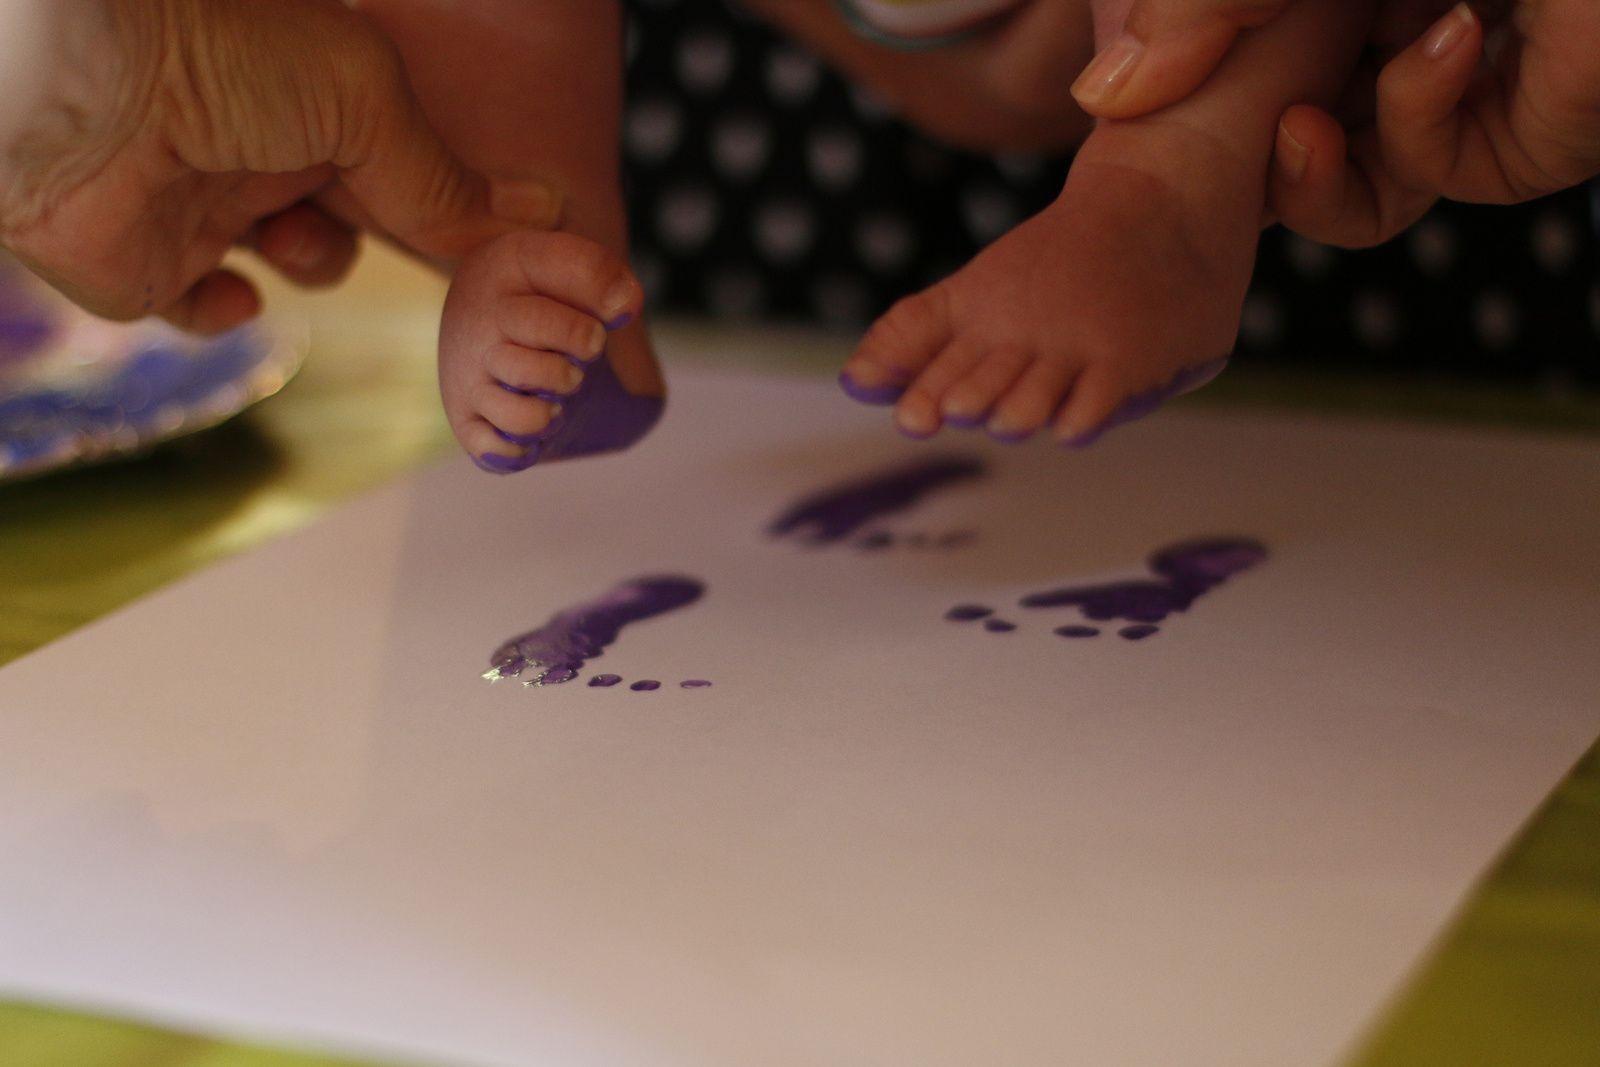 Empreintes peinturlurées à l'atelier de la Glycine pour le tableau de bébé!